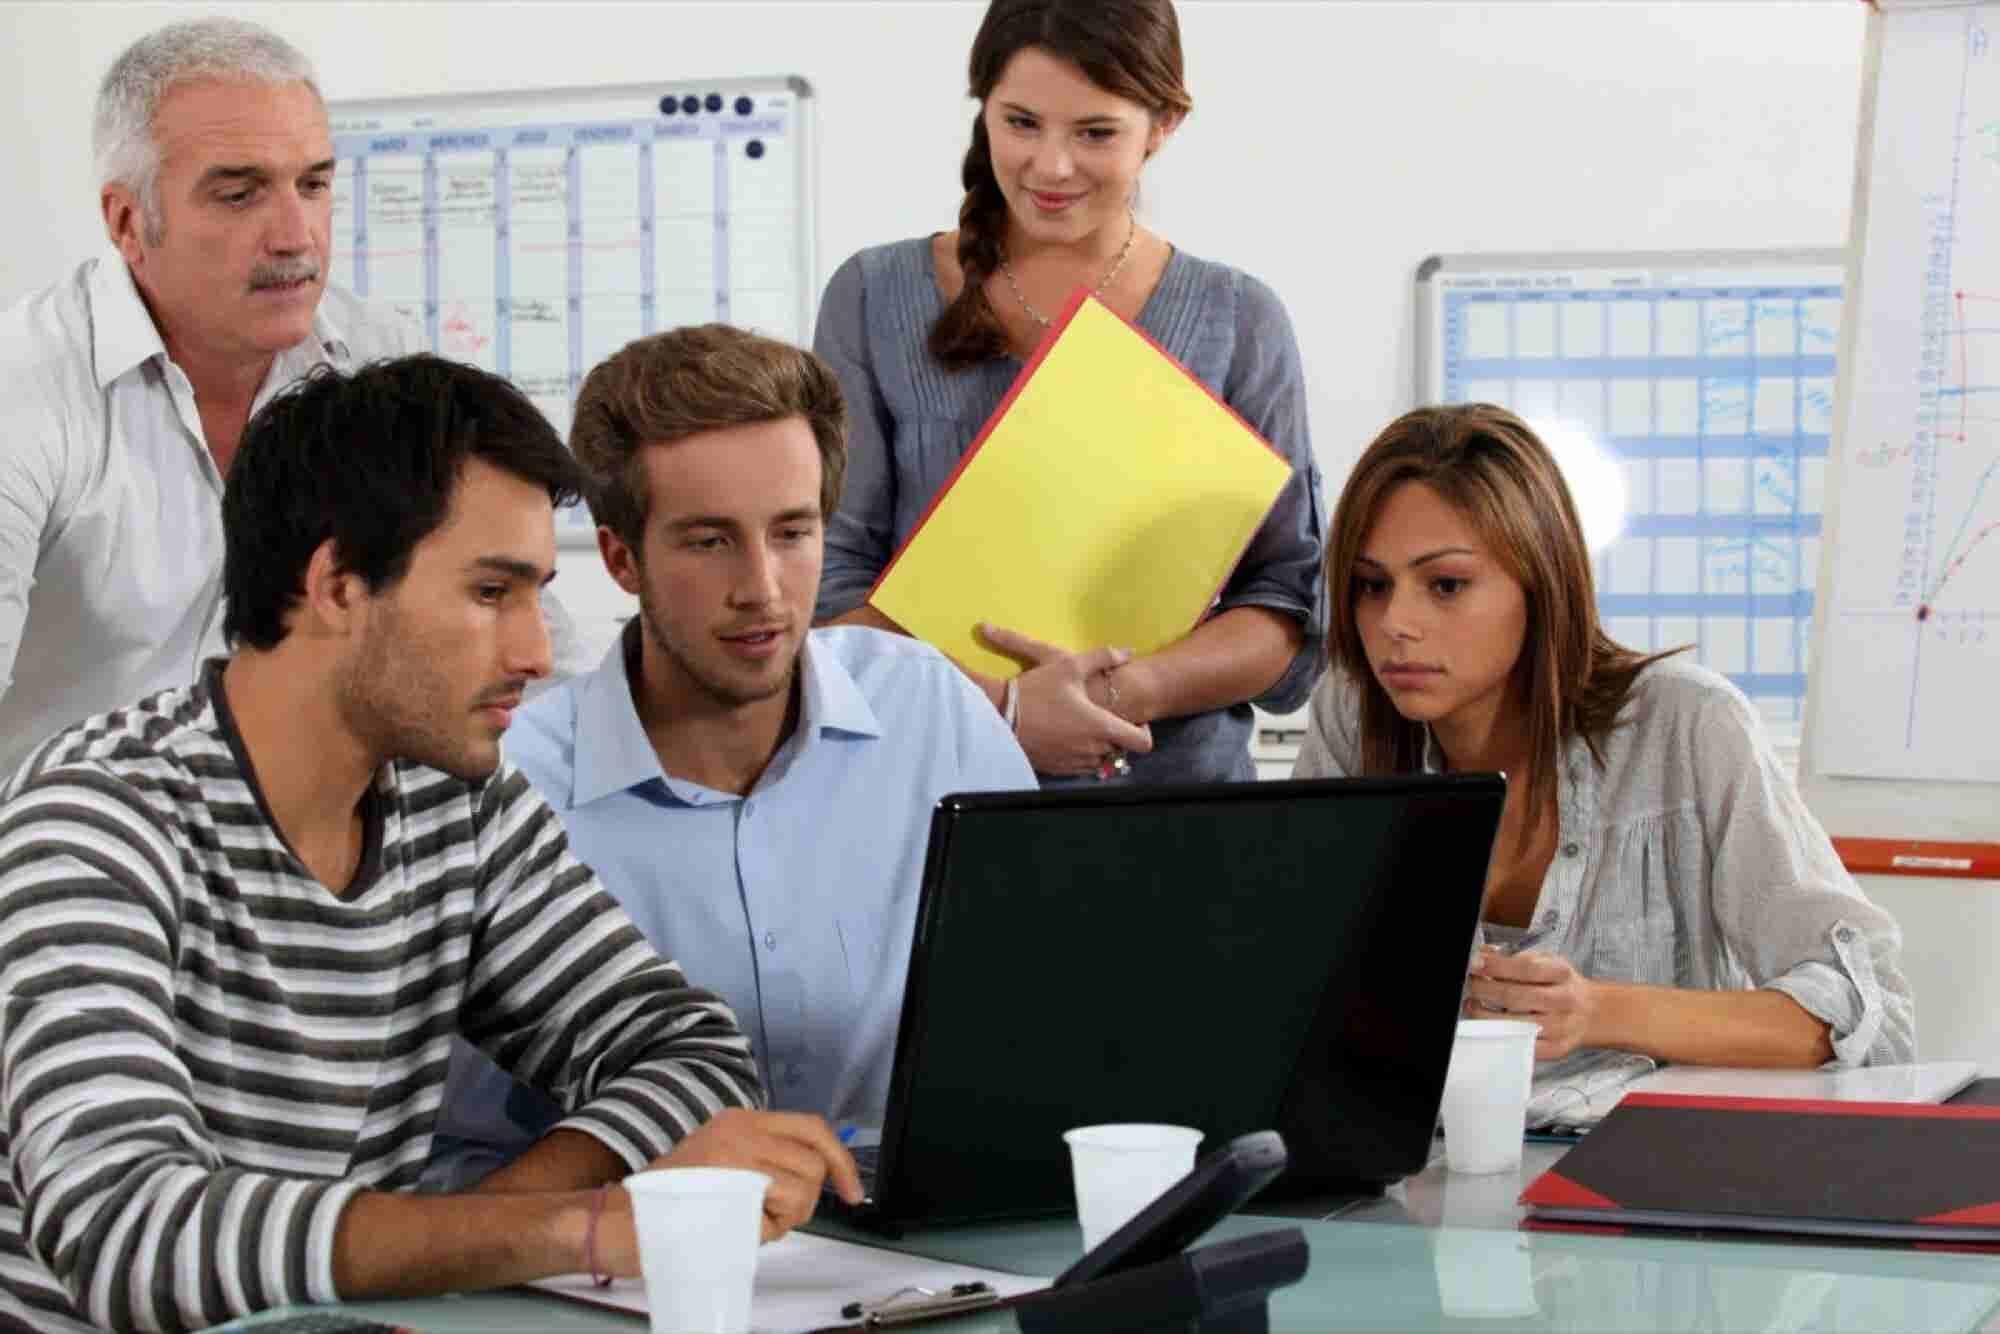 Inyecta energía a tus juntas de trabajo